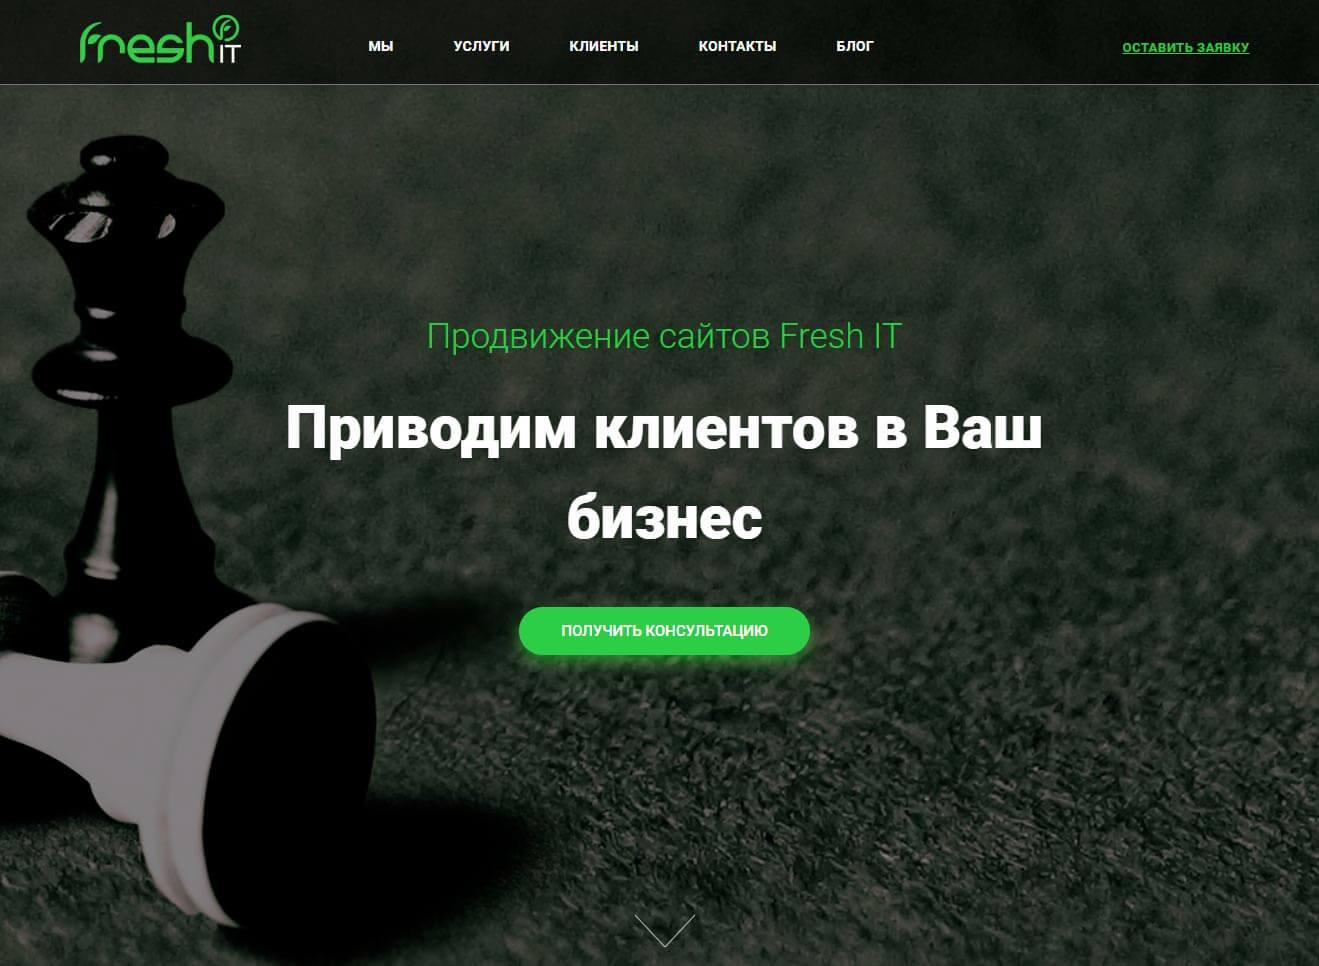 FreshIT - обзор компании, услуги, отзывы, клиенты   Google SEO, Фото № 1 - google-seo.pro